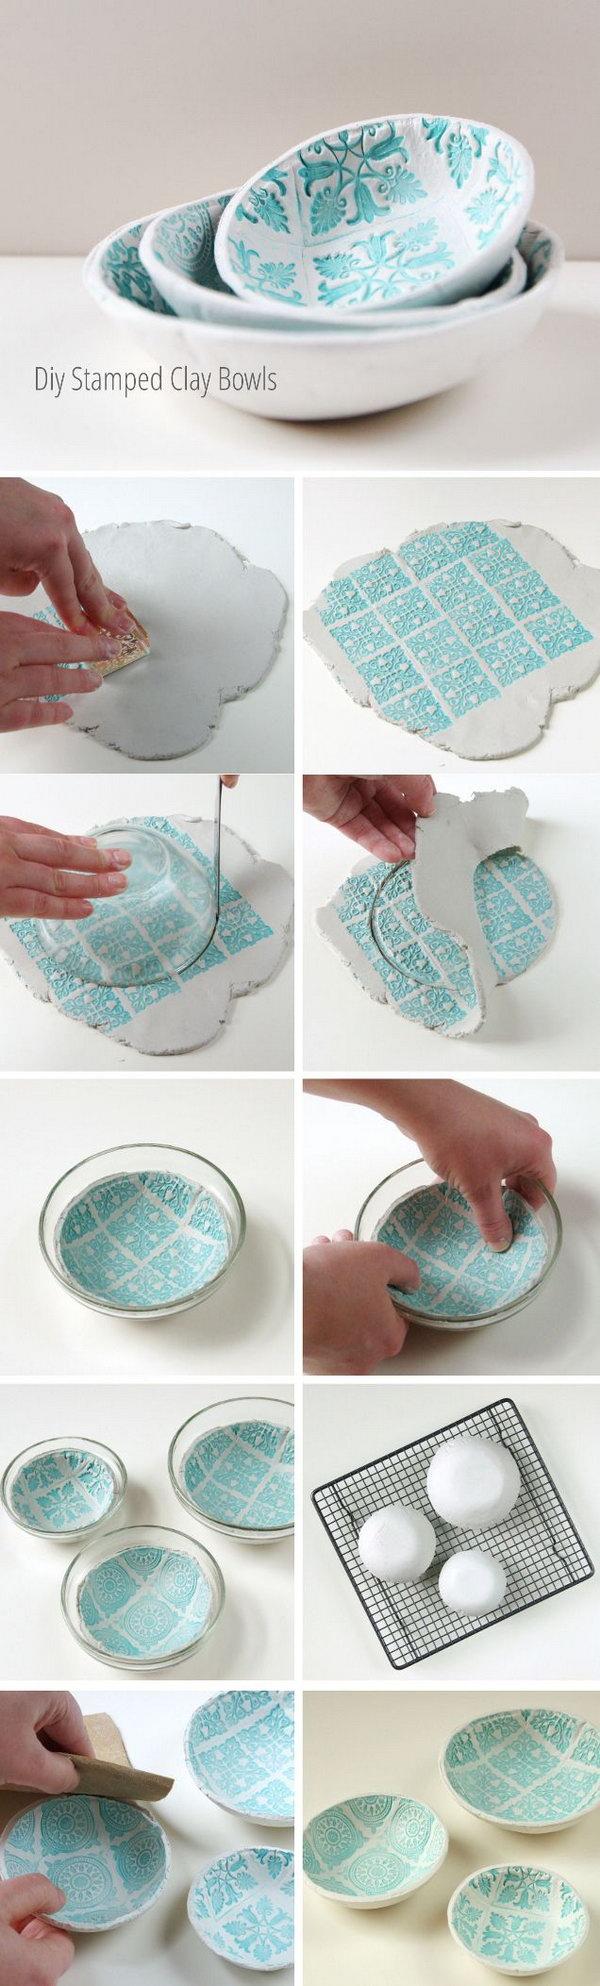 23 Easy DIY Ideas to Create Unique Bowls